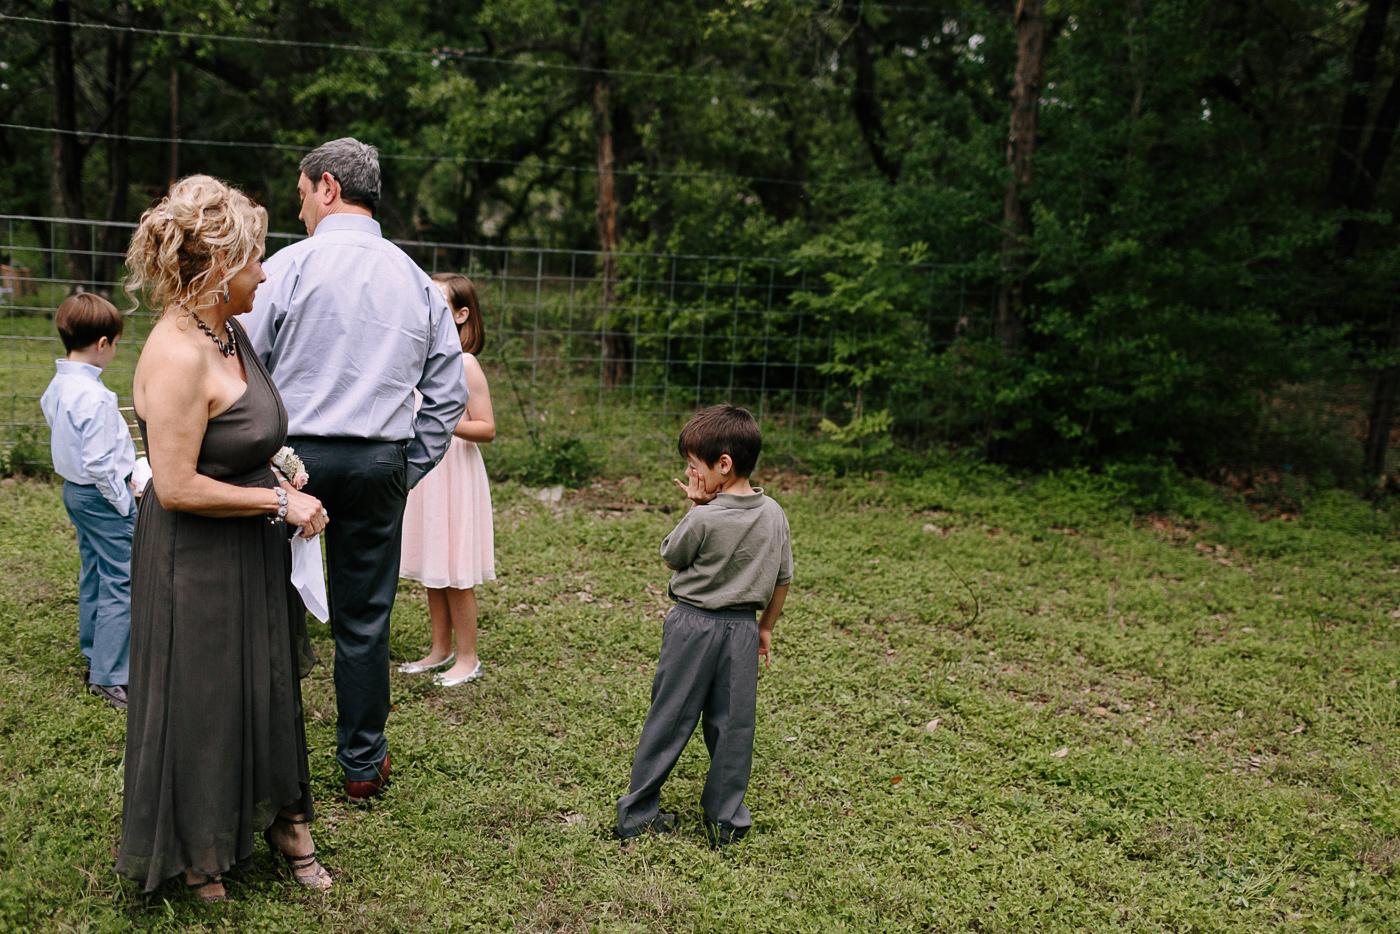 308-wimberley-texas-intimate-backyard-wedding.jpg